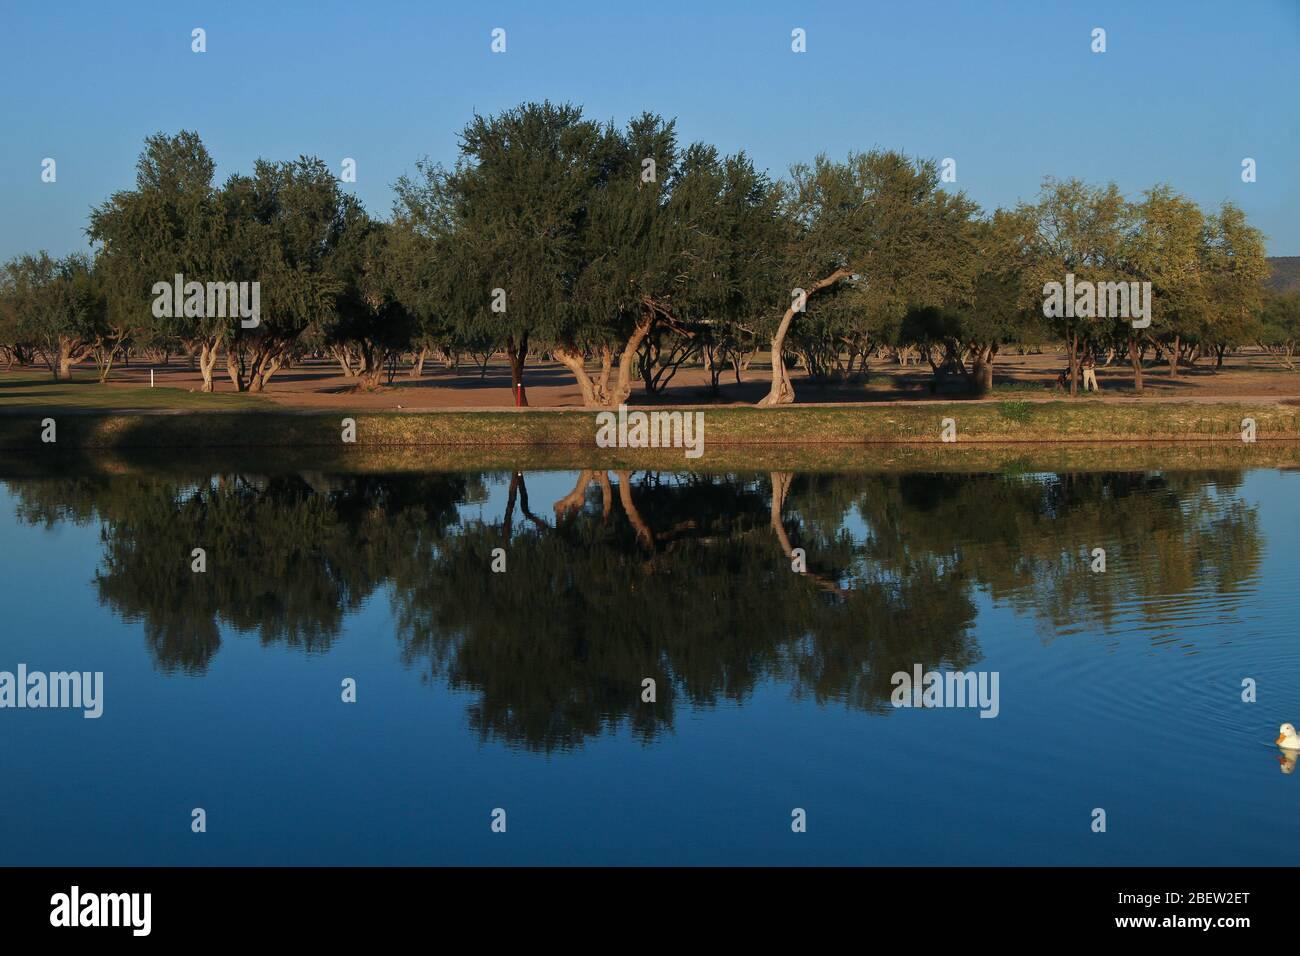 Club de Golf estilo desértico en el real de Catorce (Foto:LuisGutiérrez/NortePhoto.com) Foto de stock